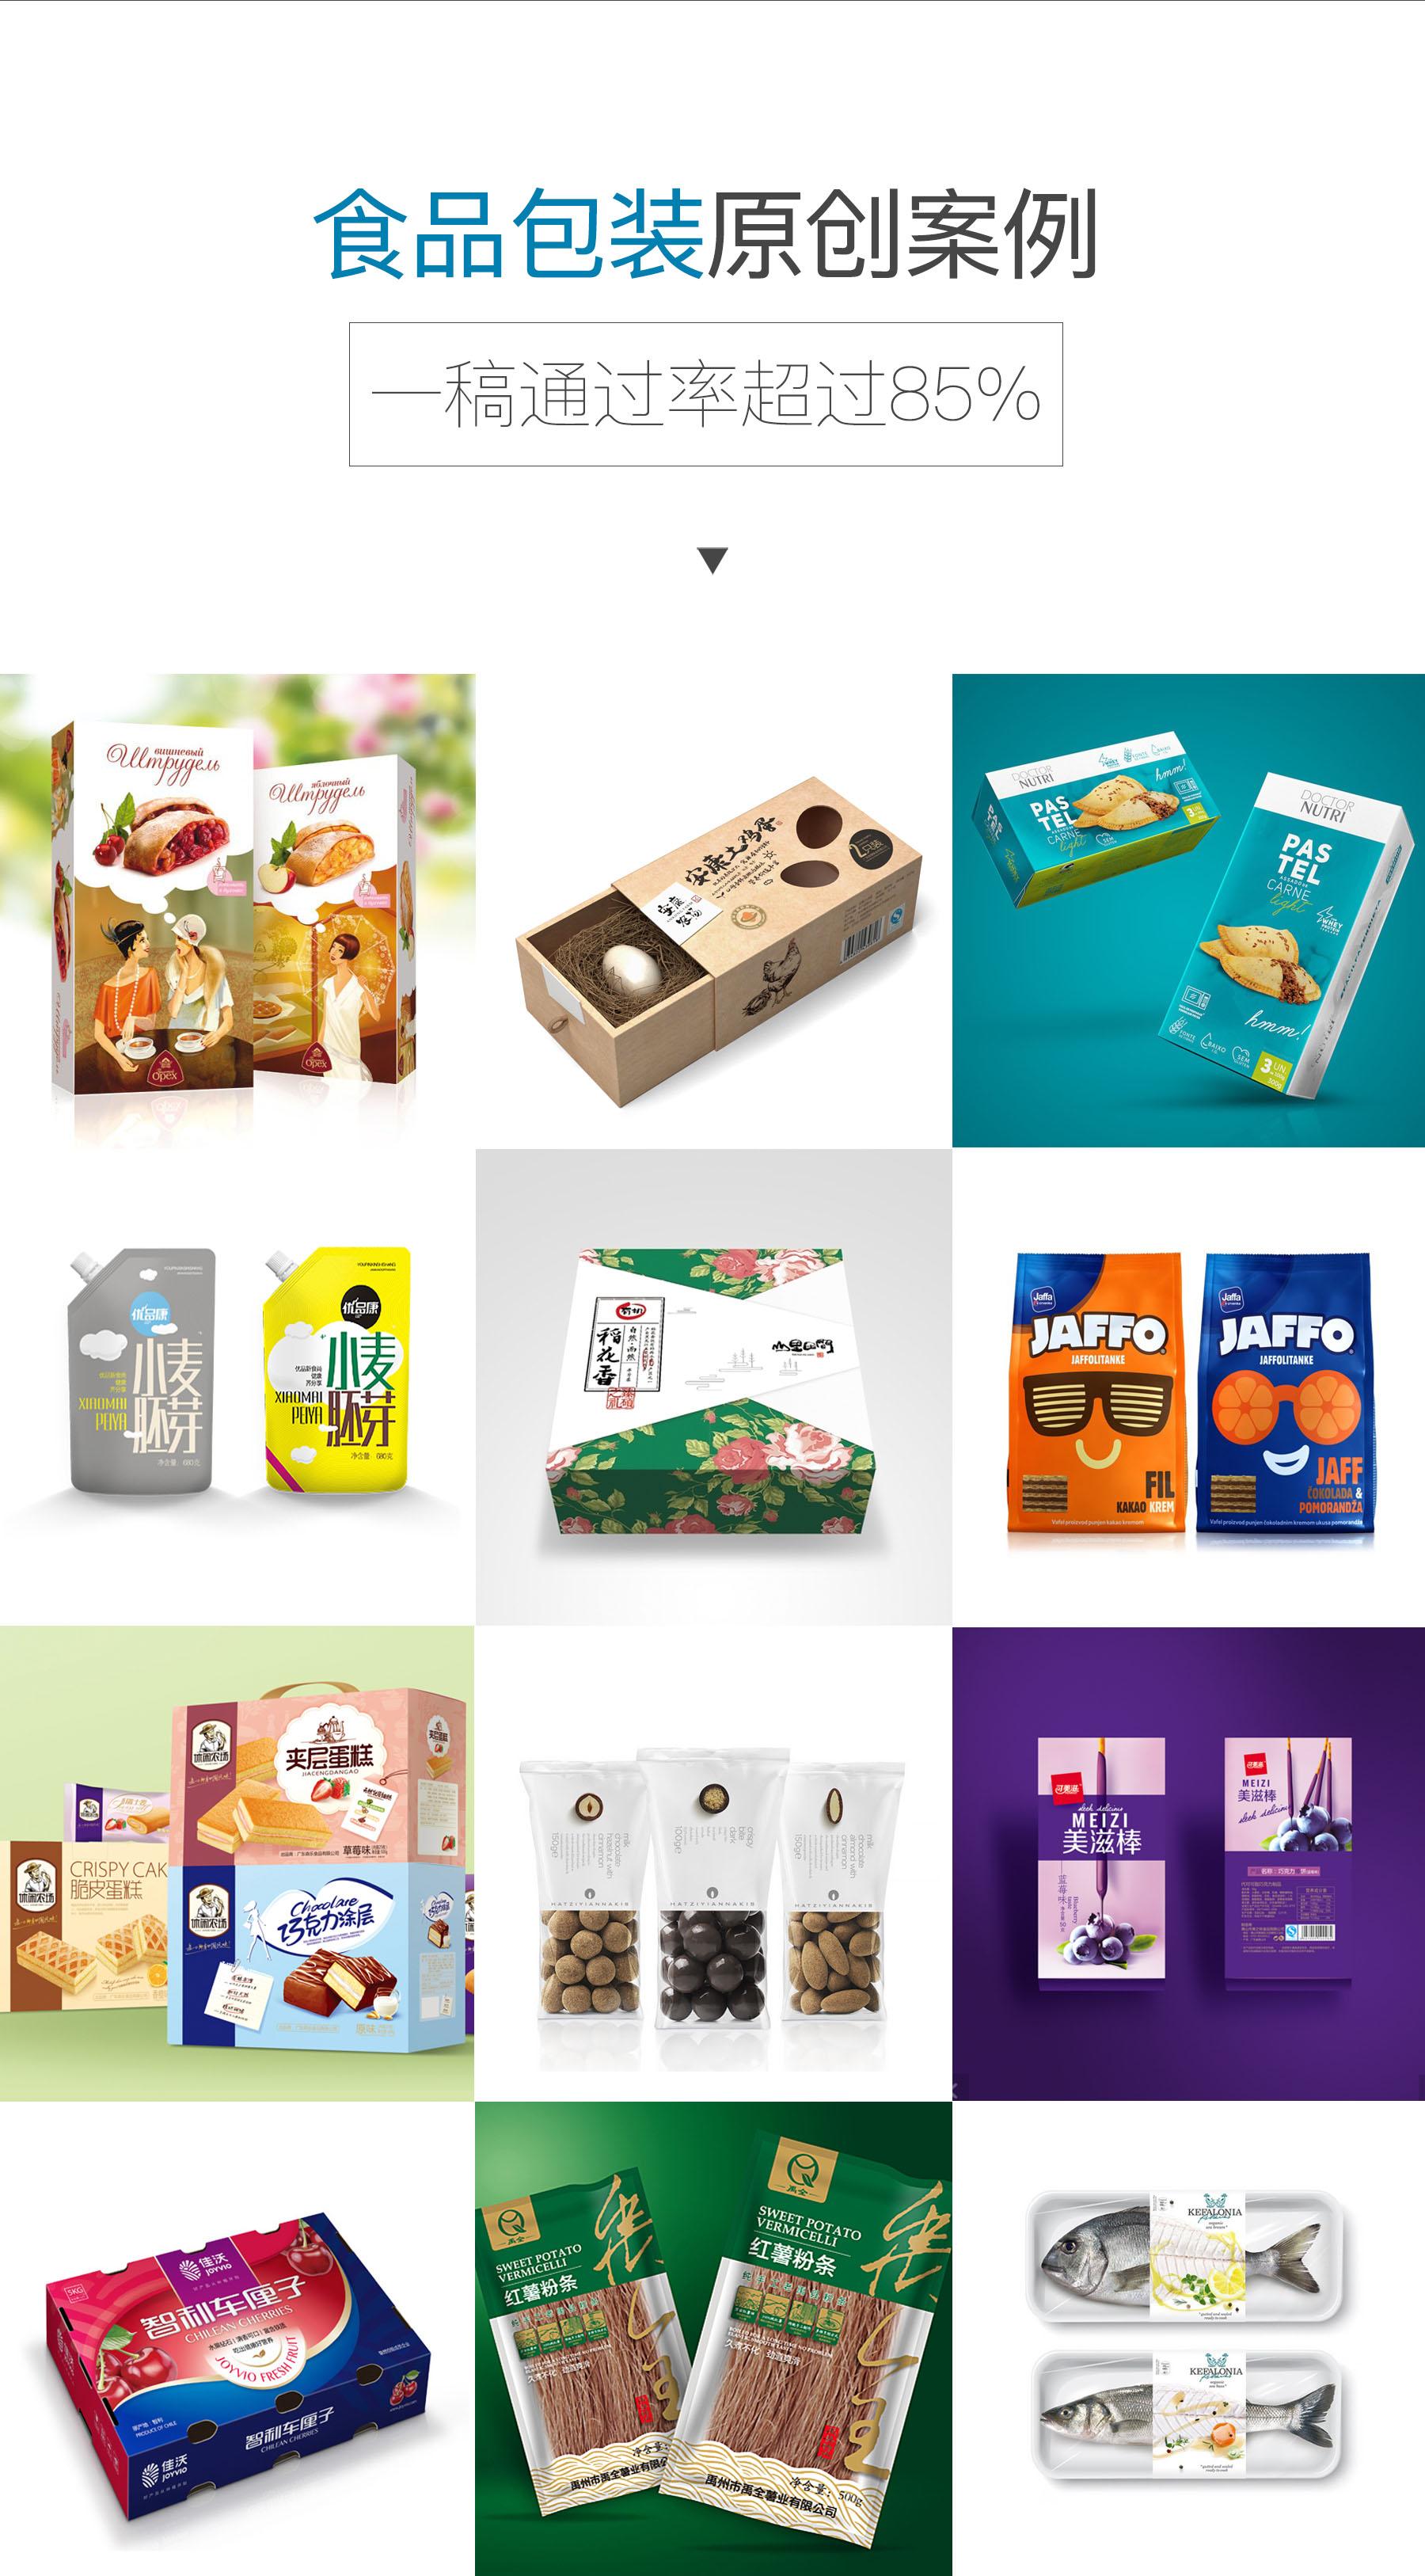 包装设计_【包装】食品酒水茶饮料红酒保健品农产品礼盒母婴原创包装设计12